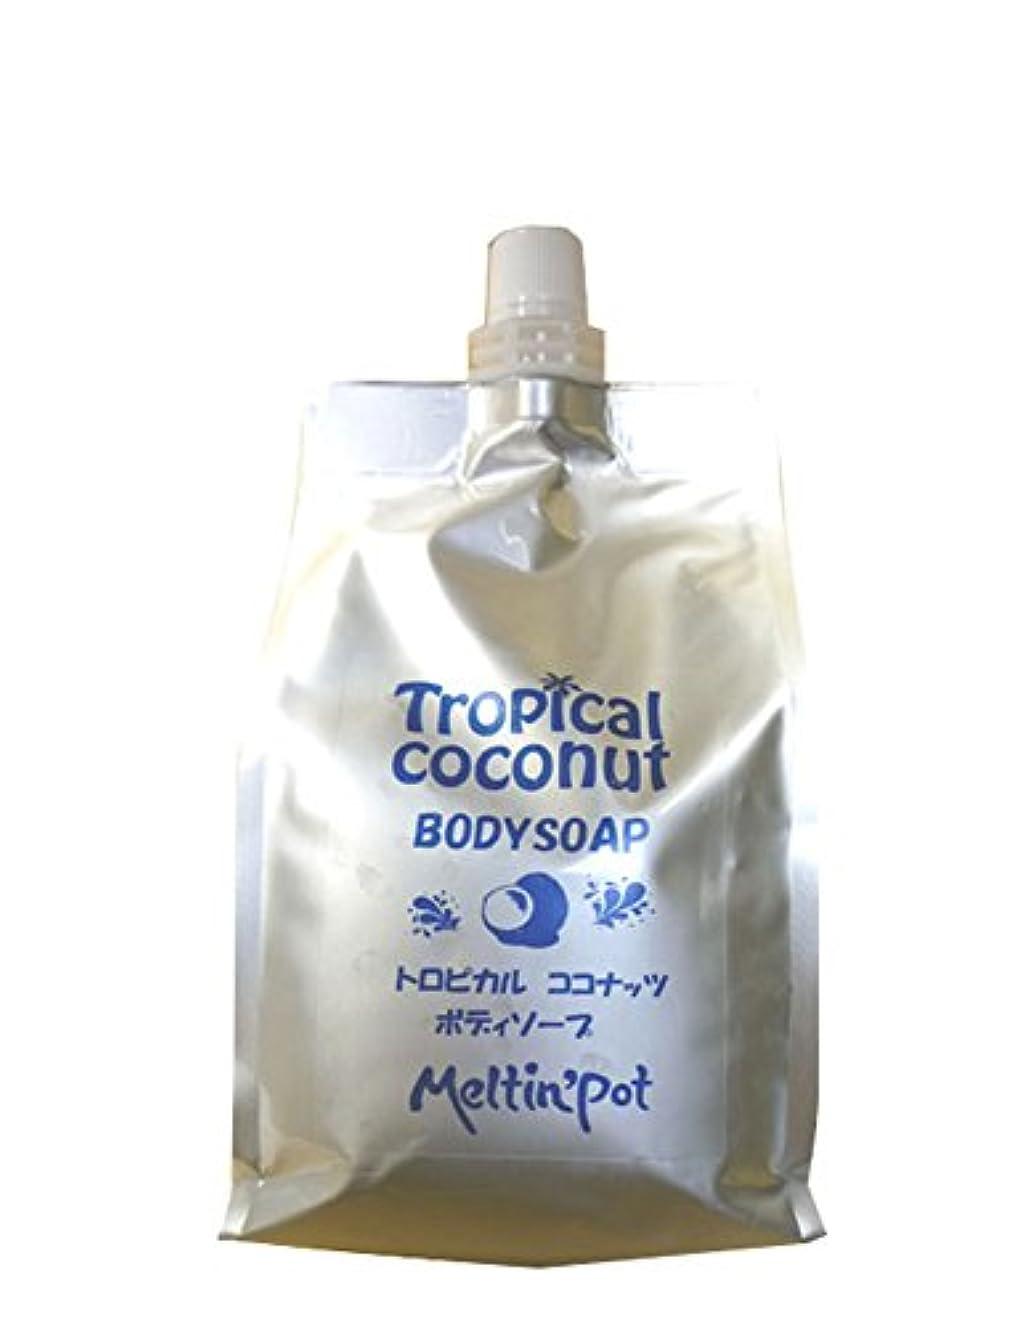 因子バラ色首トロピカルココナッツ ボディソープ 1000ml 詰め替え Tropical coconut Body Soap 加齢臭に! [MeltinPot]